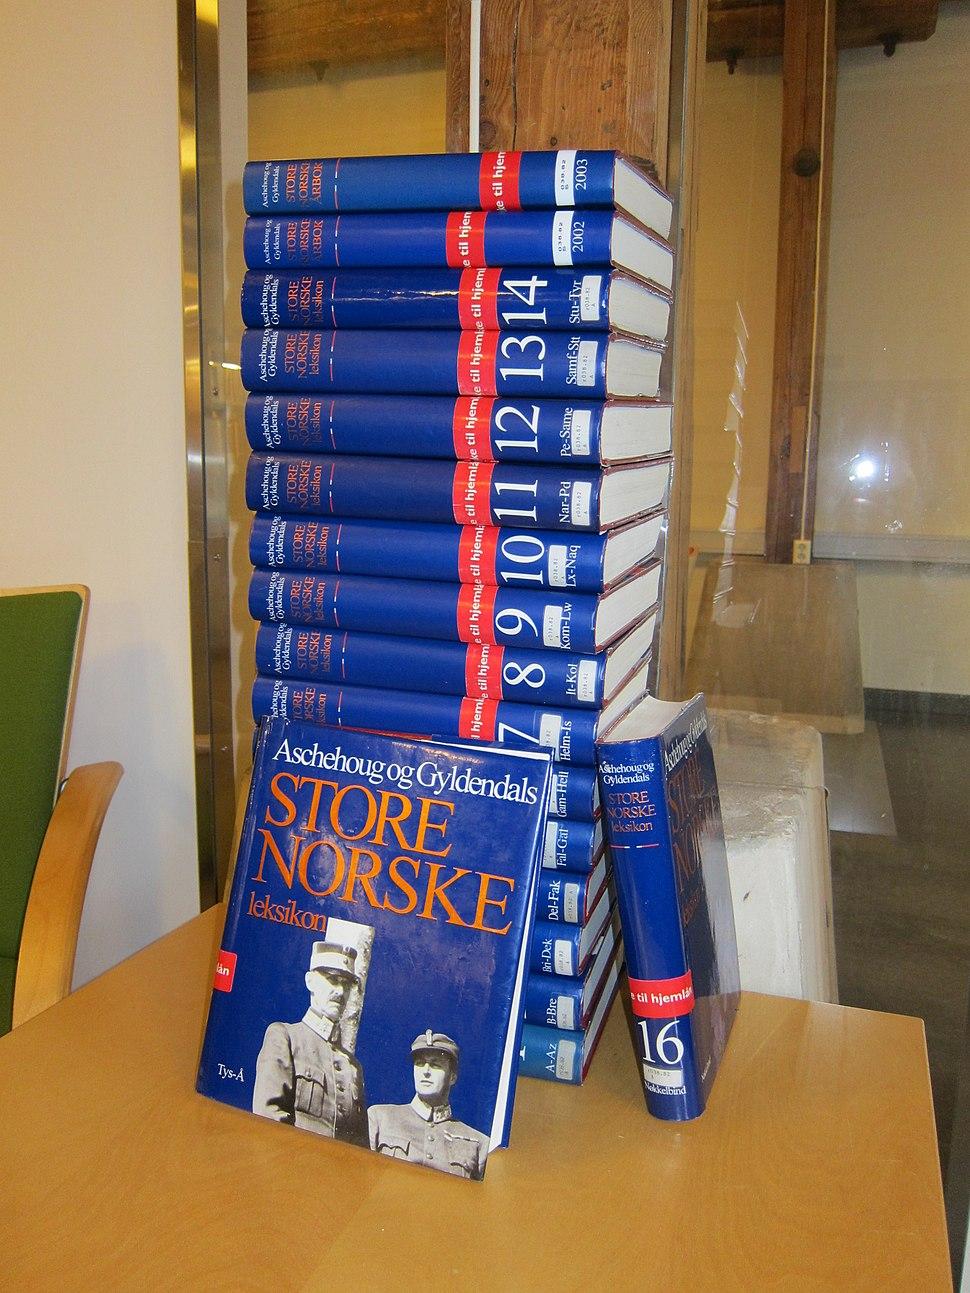 The complete last edition of Aschehoug og Gyldendals Store norske leksikon